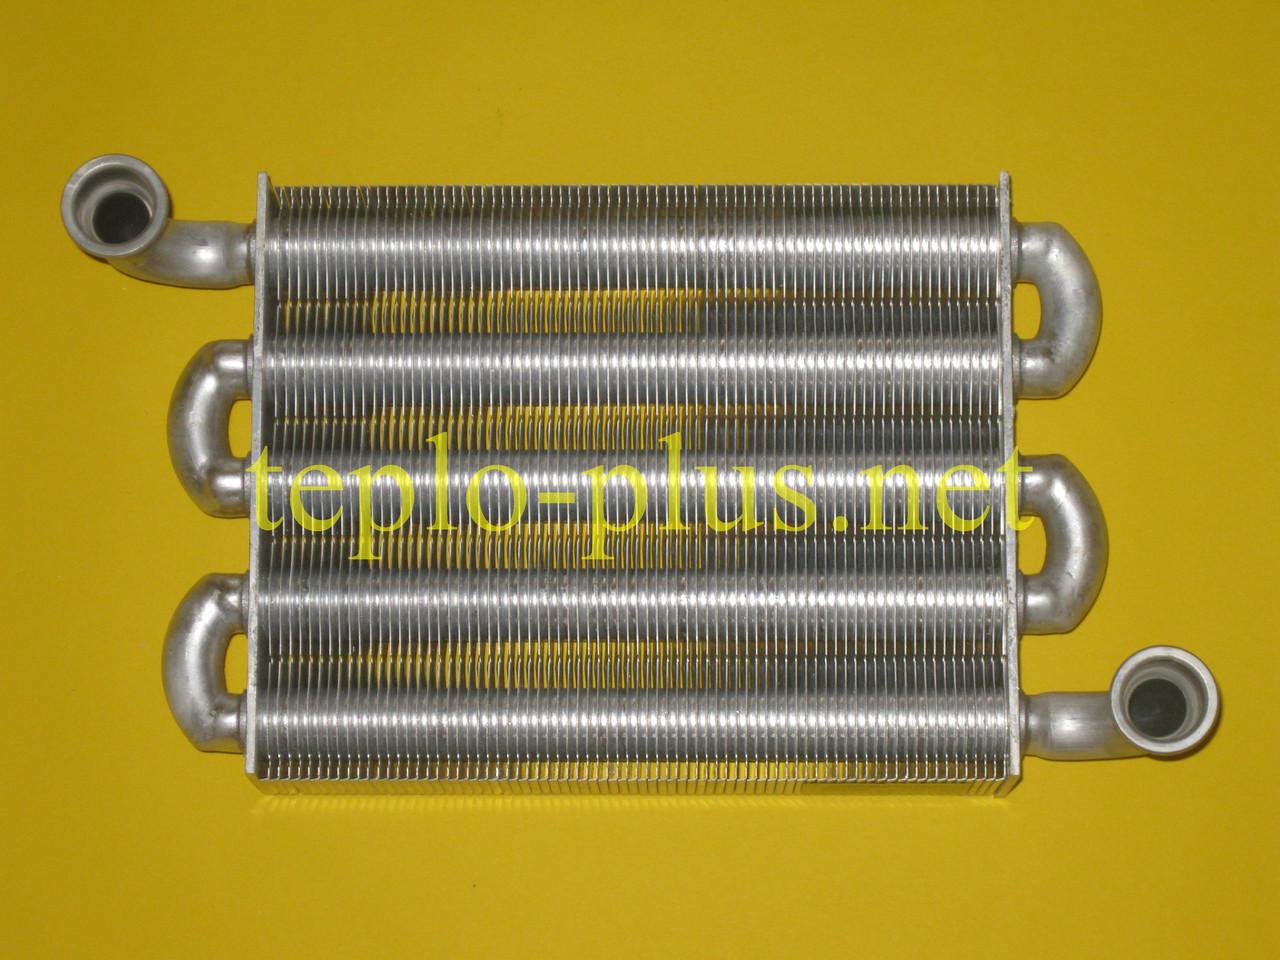 Первинний теплообмінник (основний) 65115065 Ariston Clas X, Cares X, Alteas X, Genus X, HS X, BS II, Matis